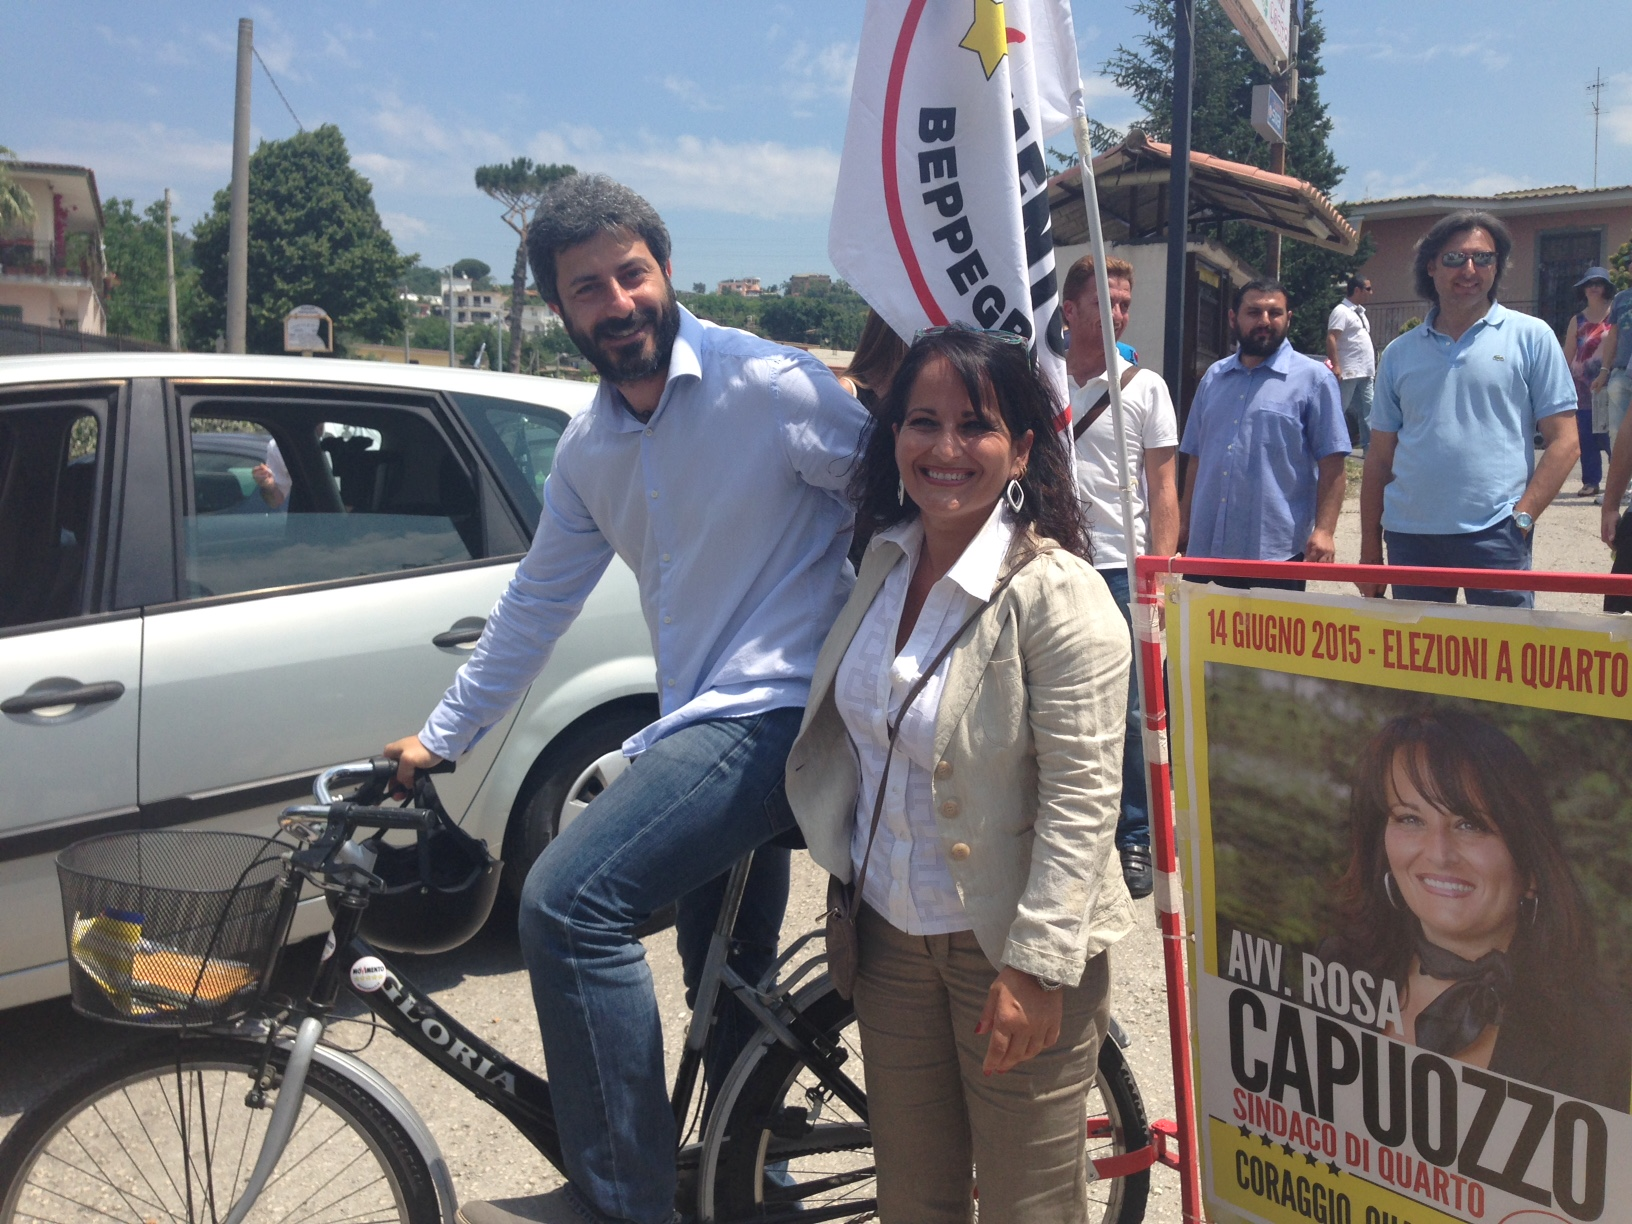 Roberto Fico e Rosa Capuozzo candidata sindaco M5S di Quarto